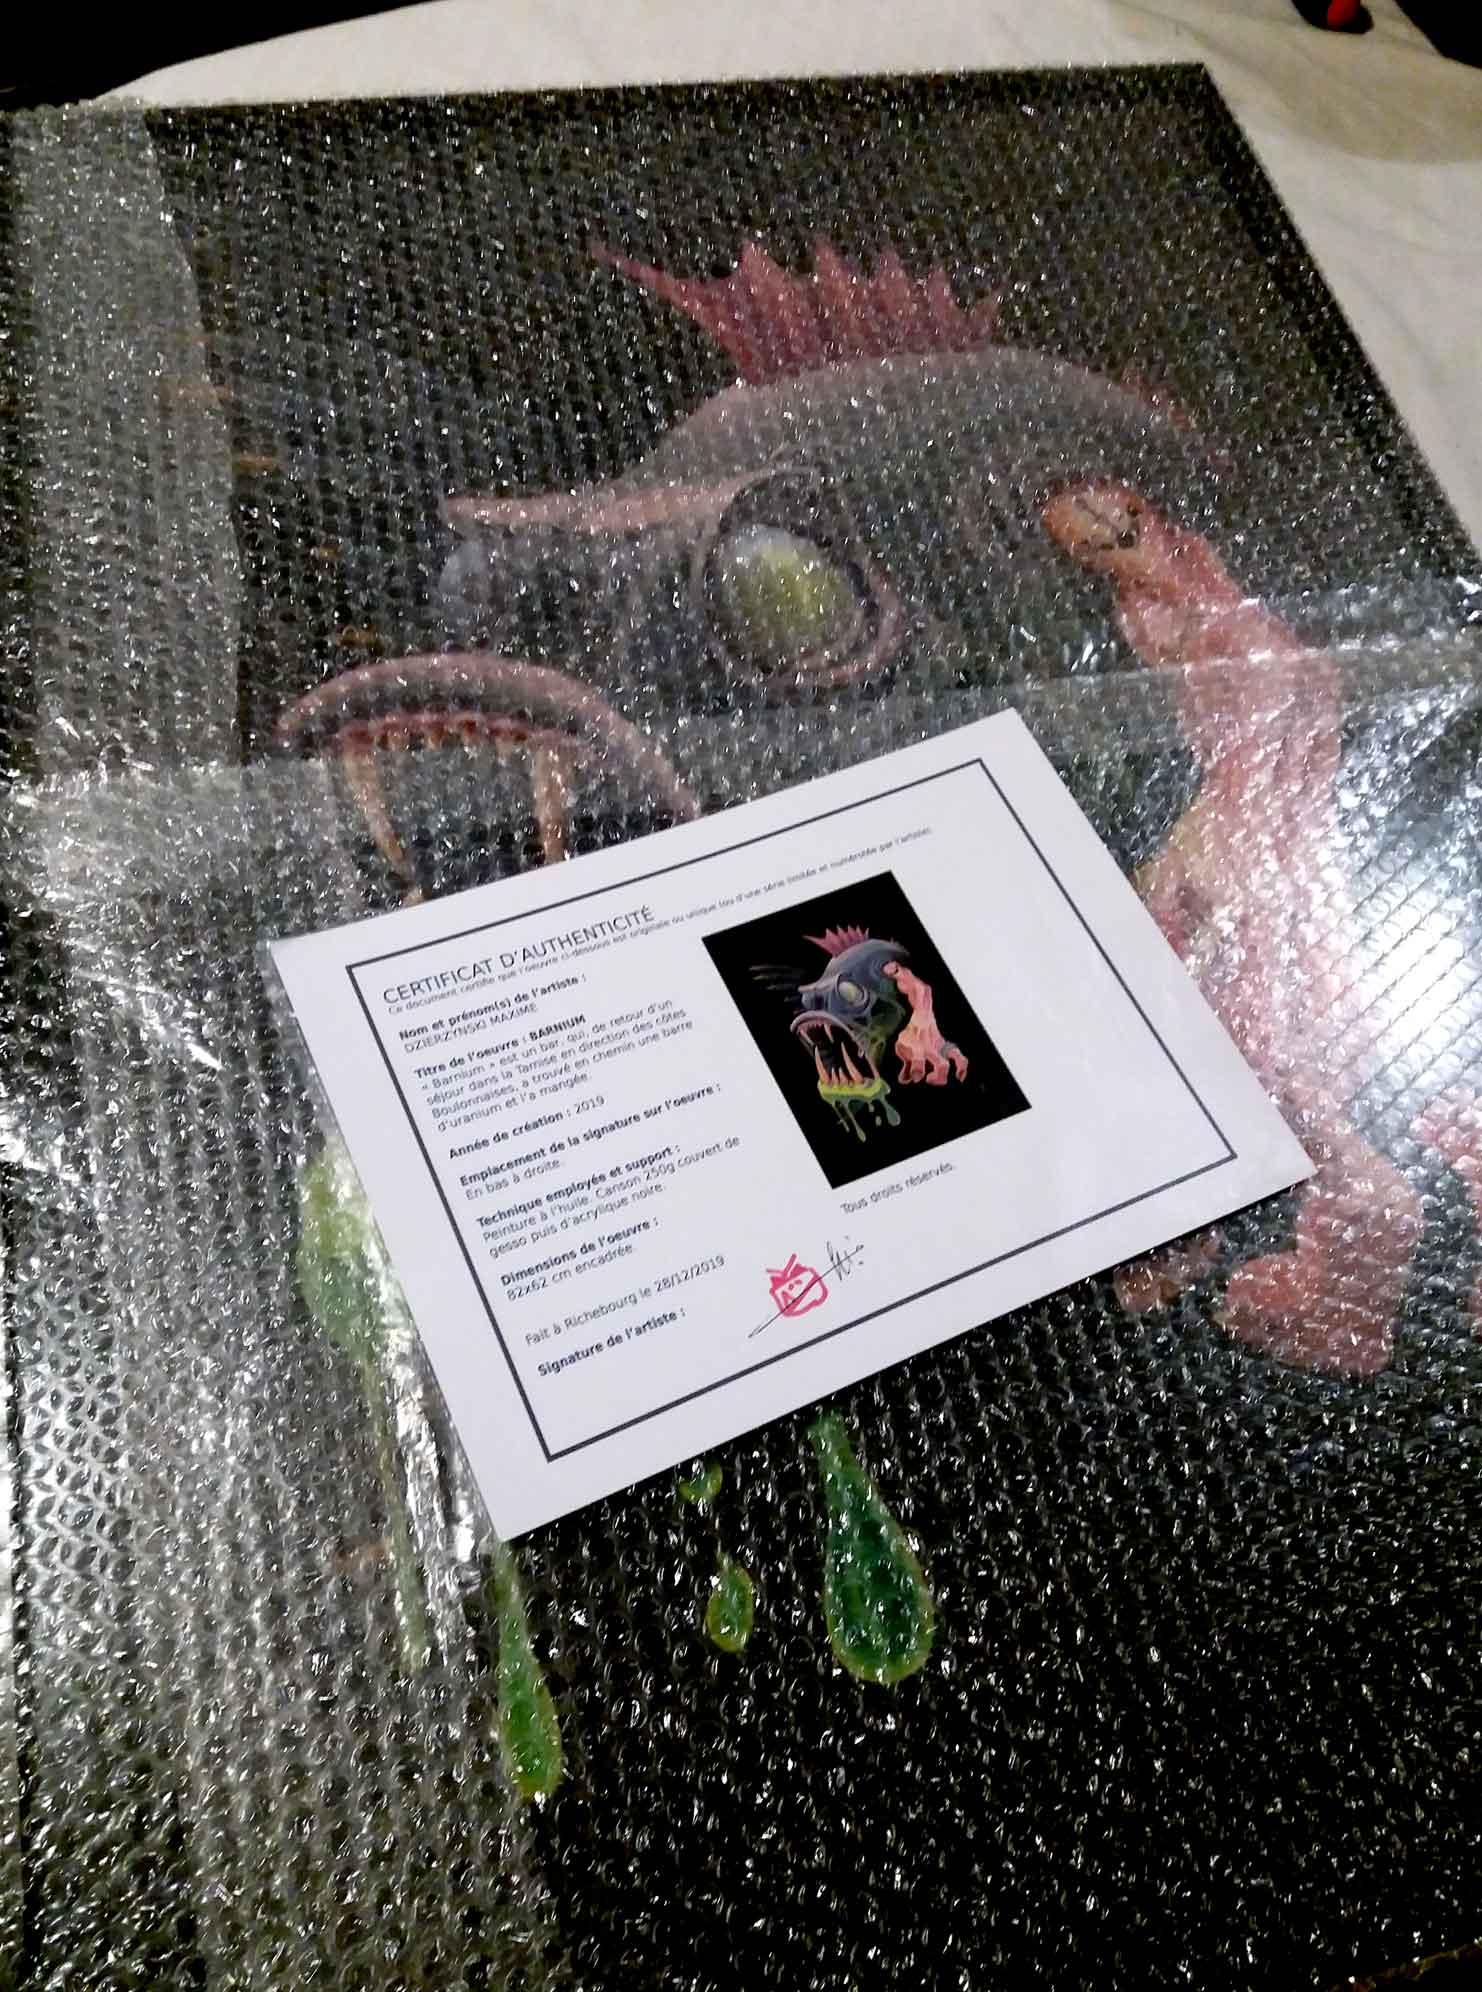 Peinture prête à être emballée pour le grand voyage accompagnée de son certificat d'authenticité.